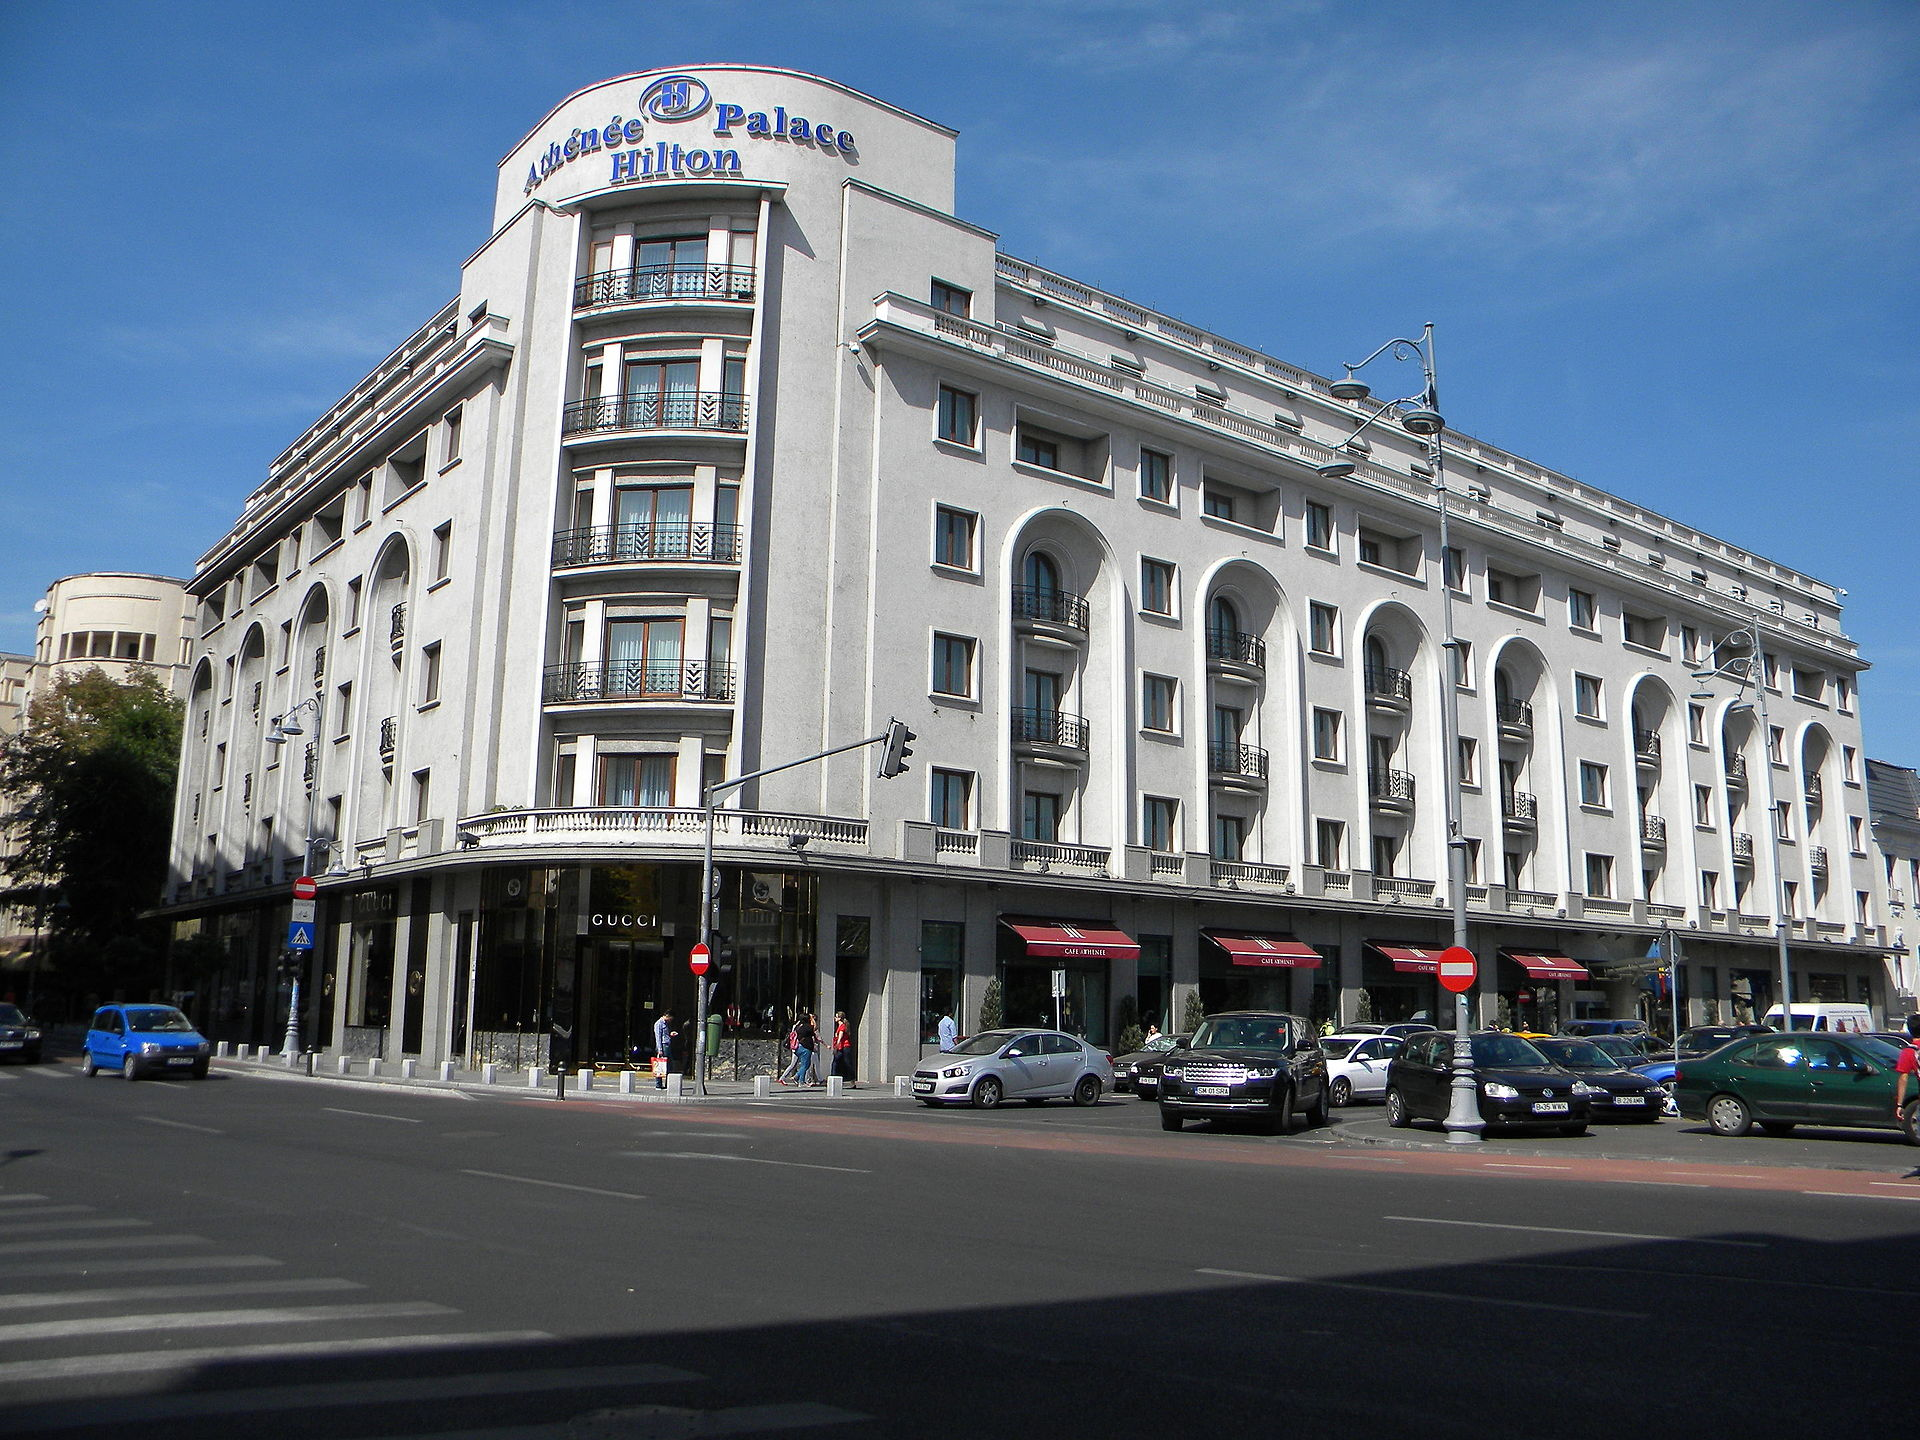 Athenee Palace Hilton Bucharest Wikipedia